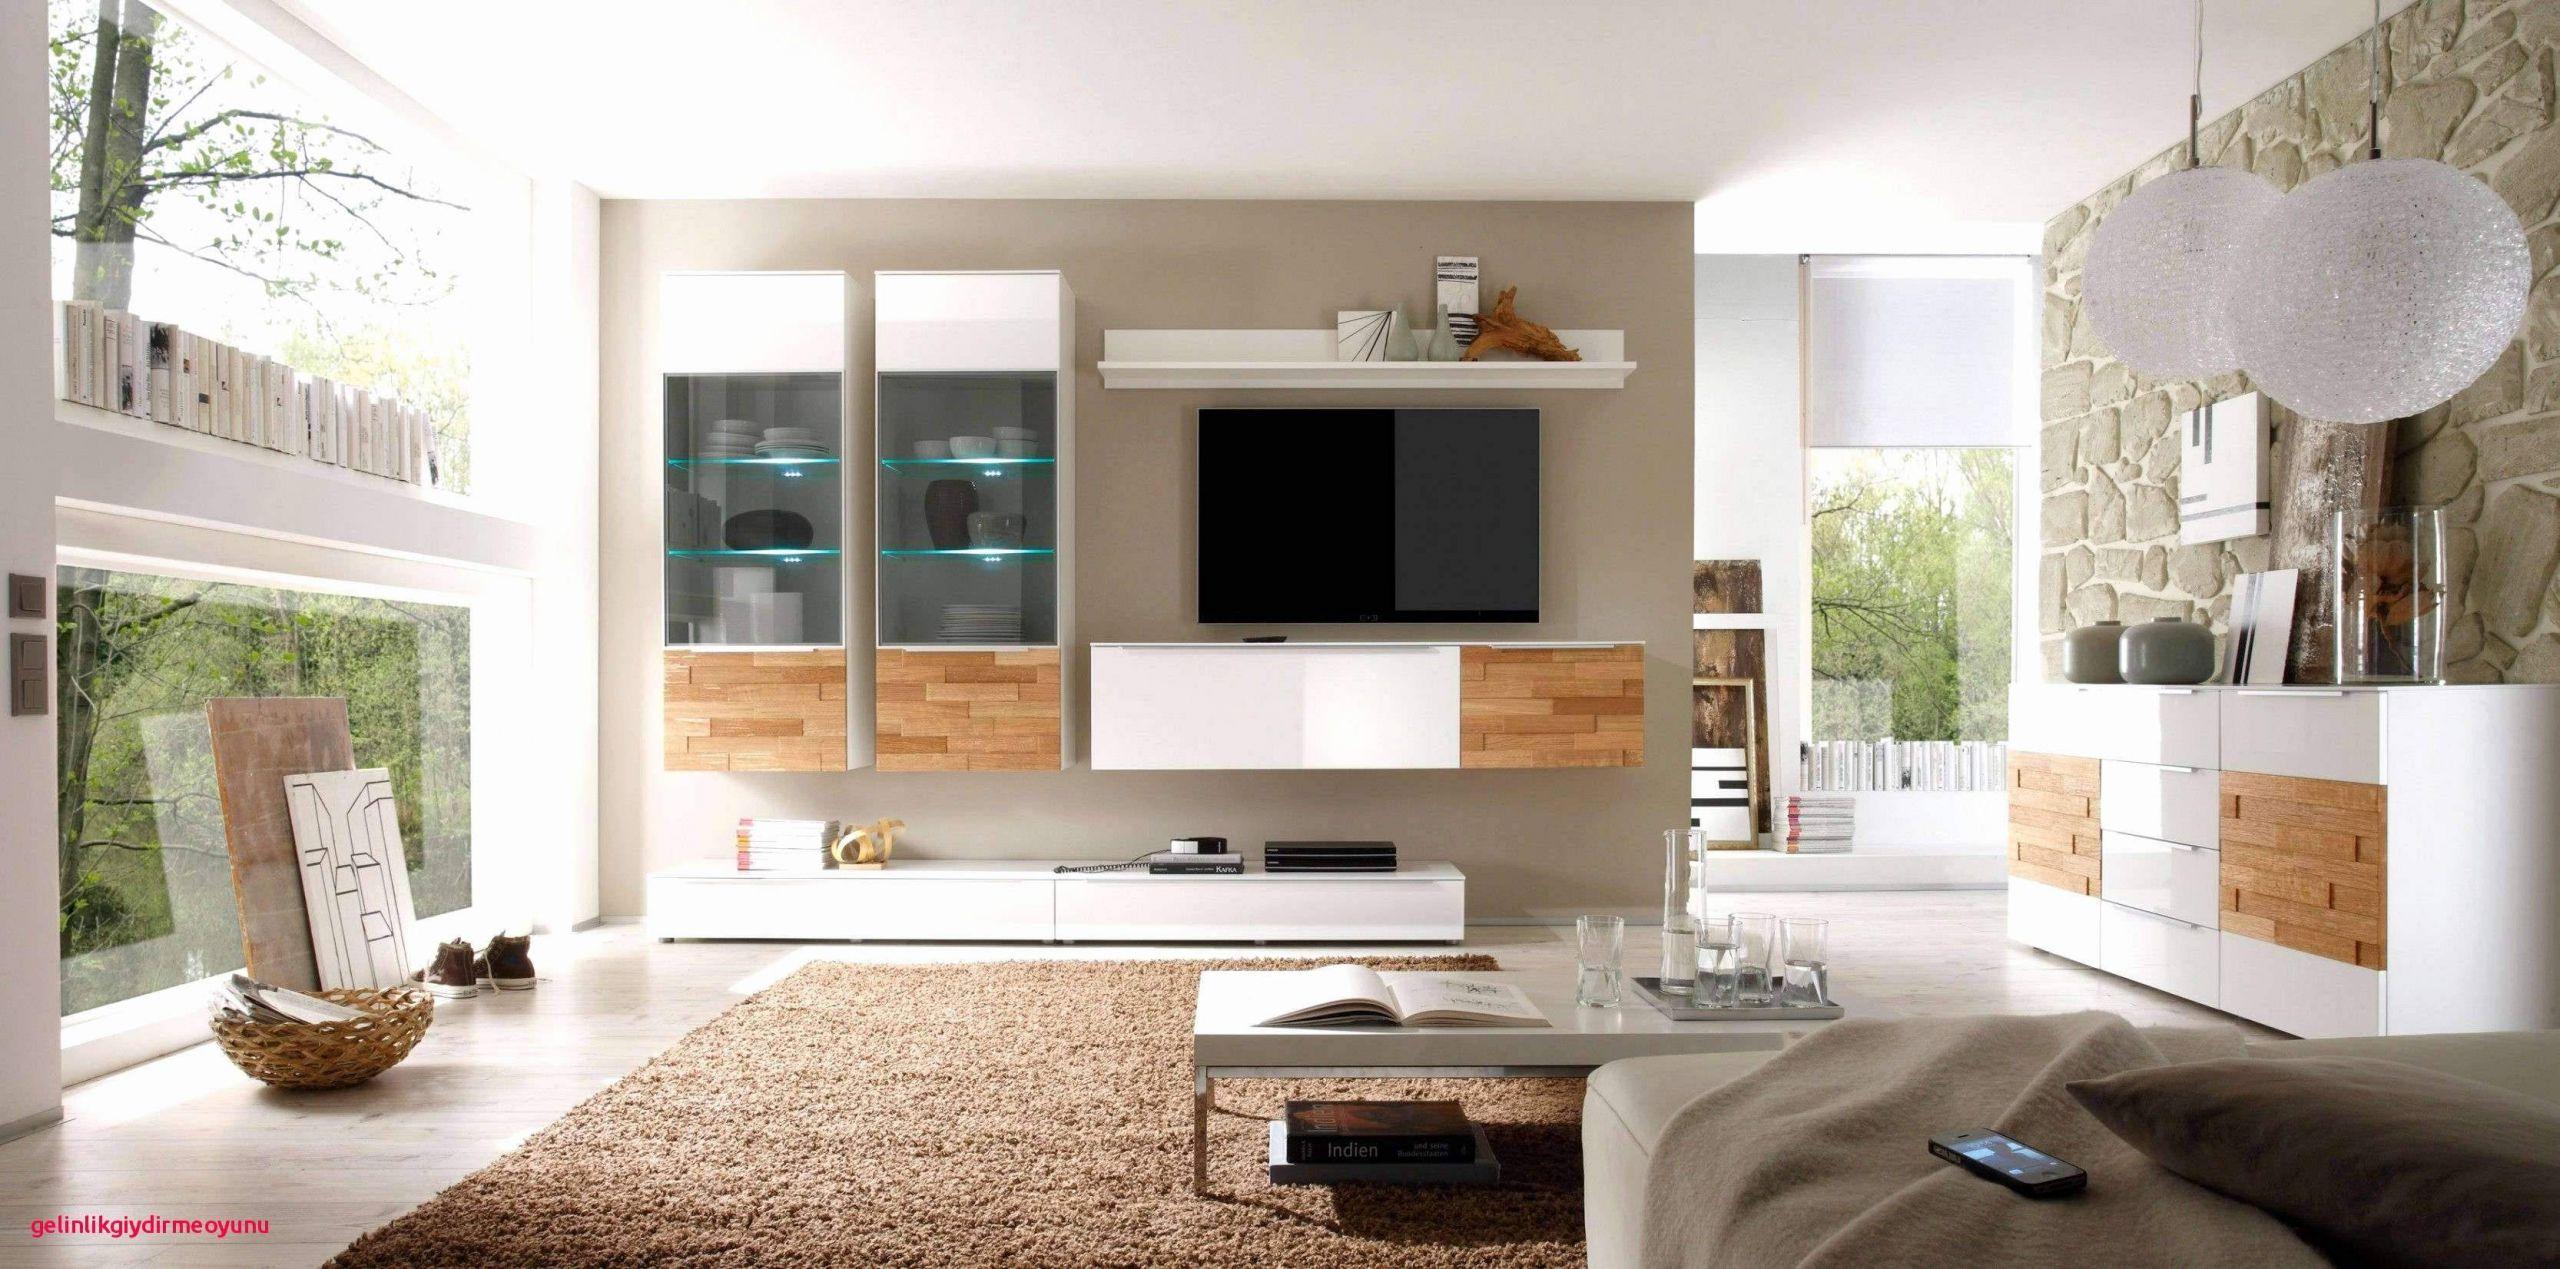 deko ideen selbermachen wohnzimmer elegant deko ideen wohnzimmer holz schon of deko ideen selbermachen wohnzimmer scaled